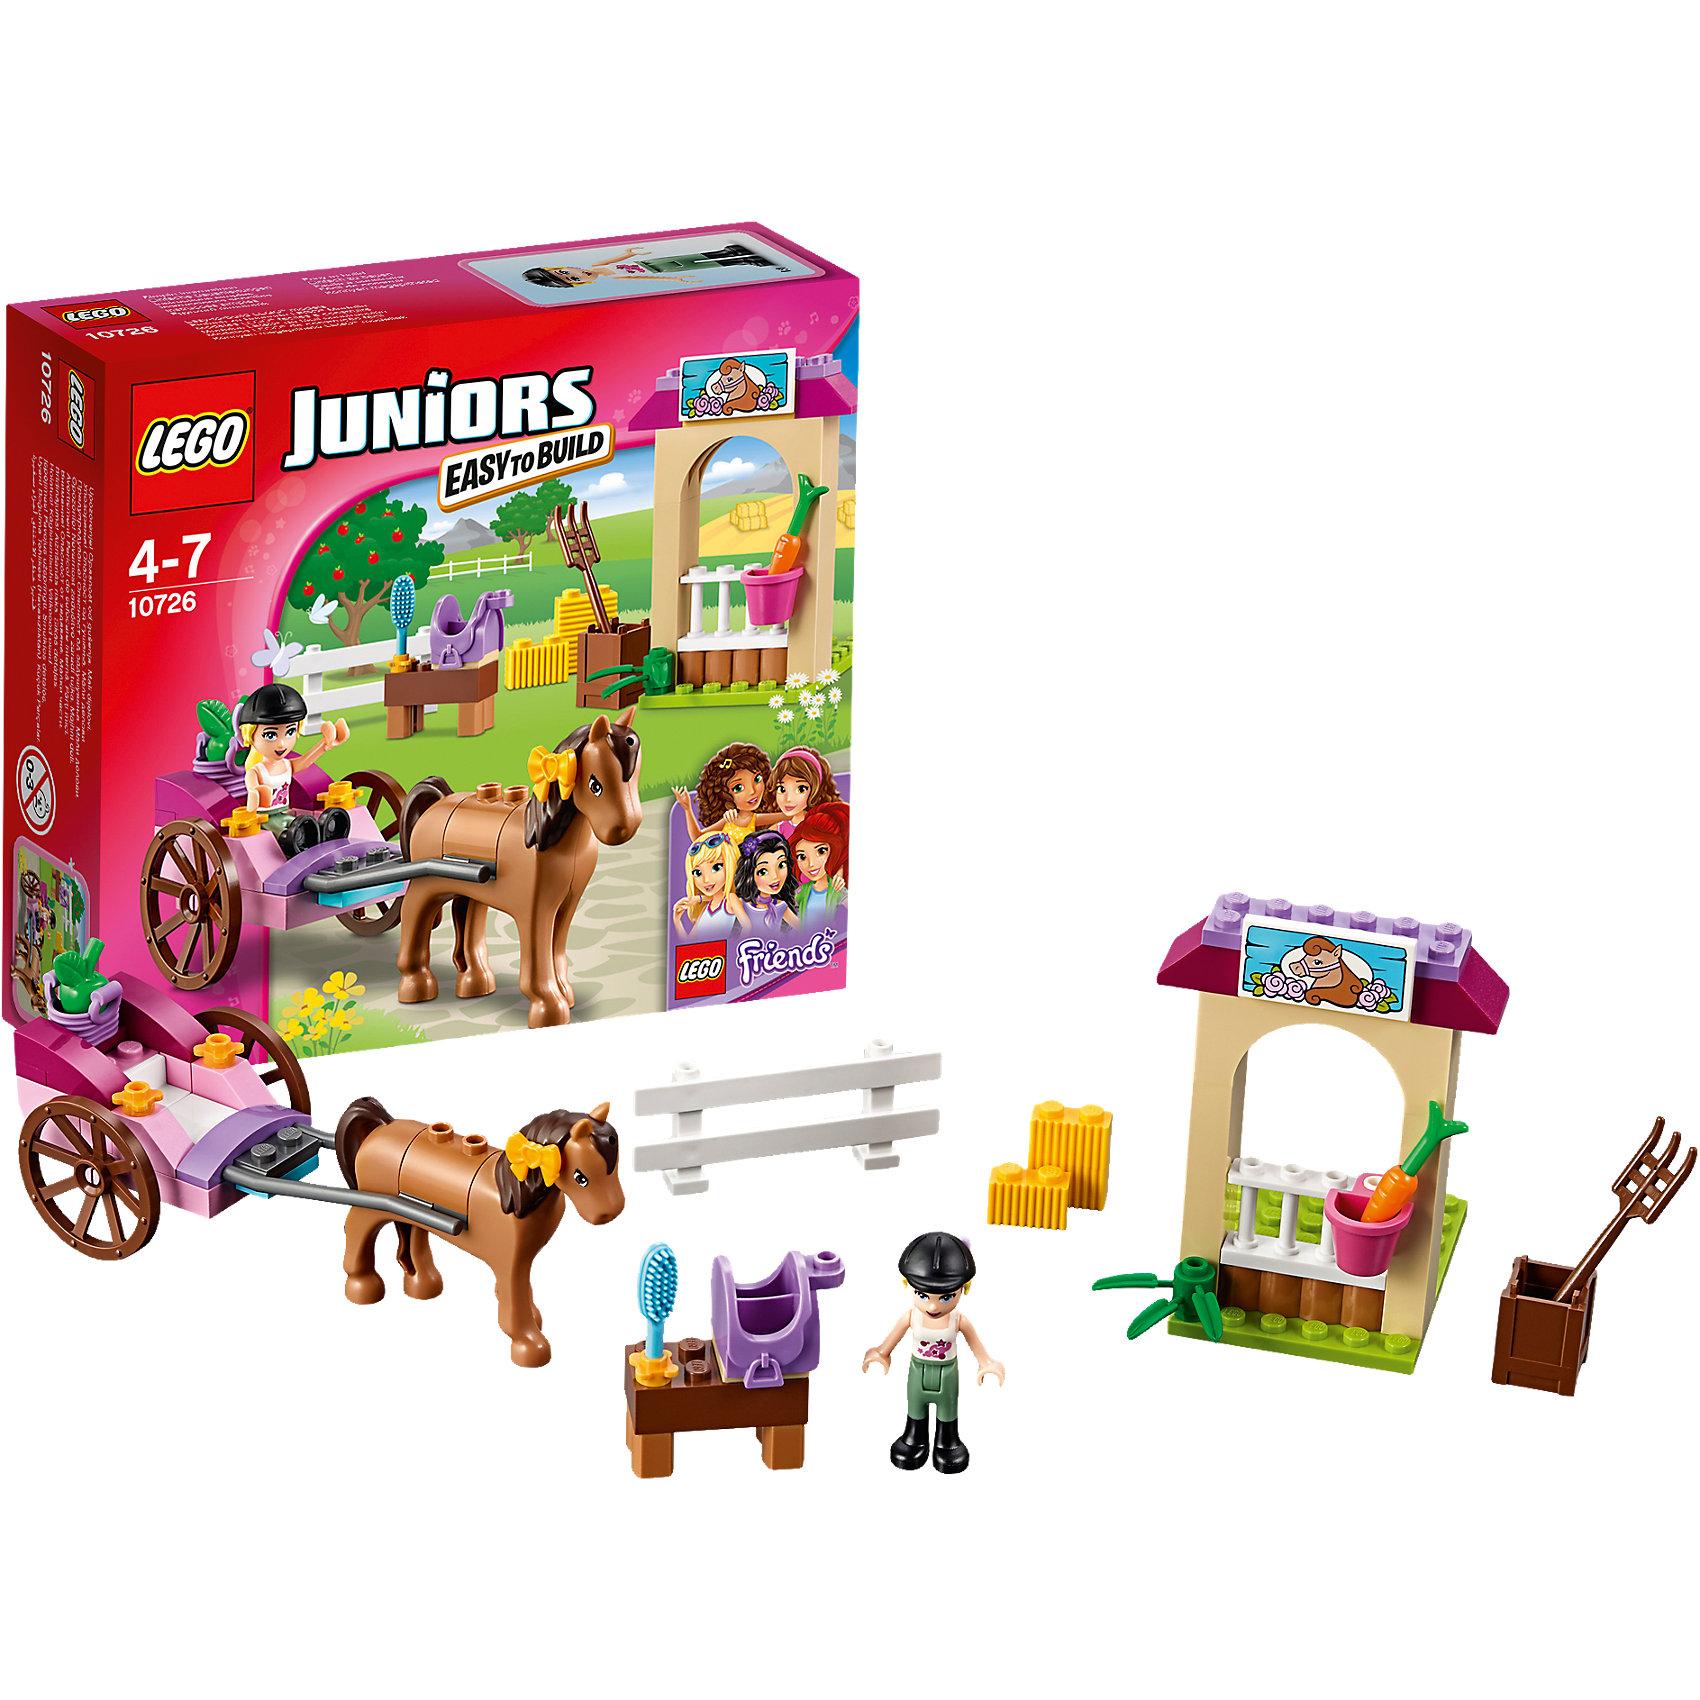 LEGO Juniors 10726: Карета СтефаниИграть с конструктором обожает множество современных девочек, поэтому набор Лего, из которого можно собрать разные сюжеты про Стефани и её приключения, обязательно порадует ребенка. Такие игрушки помогают детям развивать воображение, мелкую моторику, логику и творческое мышление.<br>Набор состоит из множества деталей, с помощью которых можно  собрать декорации для игр, а также в нем есть фигурки любимых персонажей! С таким комплектом можно придумать множество игр!<br><br>Дополнительная информация:<br><br>цвет: разноцветный;<br>размер коробки: 15 х 14 х 5 см;<br>вес: 140 г;<br>материал: пластик;<br>количество деталей: 58.<br><br>Набор Карета Стефани от бренда LEGO Juniors можно купить в нашем магазине.<br><br>Ширина мм: 158<br>Глубина мм: 142<br>Высота мм: 48<br>Вес г: 132<br>Возраст от месяцев: 48<br>Возраст до месяцев: 84<br>Пол: Женский<br>Возраст: Детский<br>SKU: 4641211